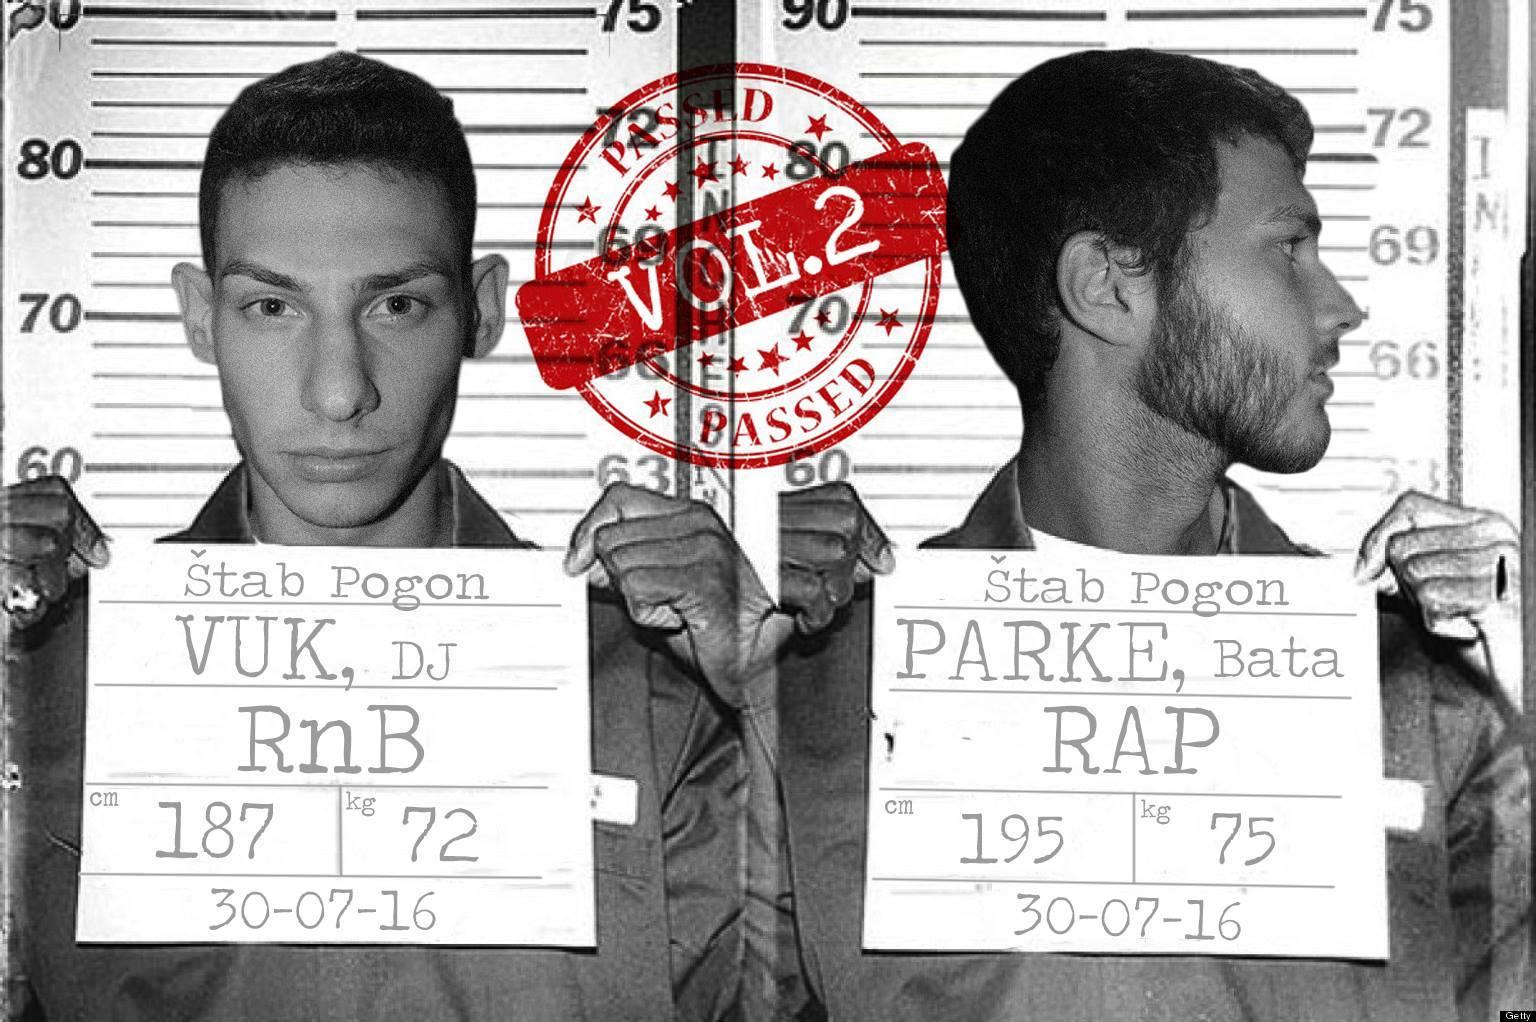 Plakat najave za rap i rnb žurku u Štab Pogonu